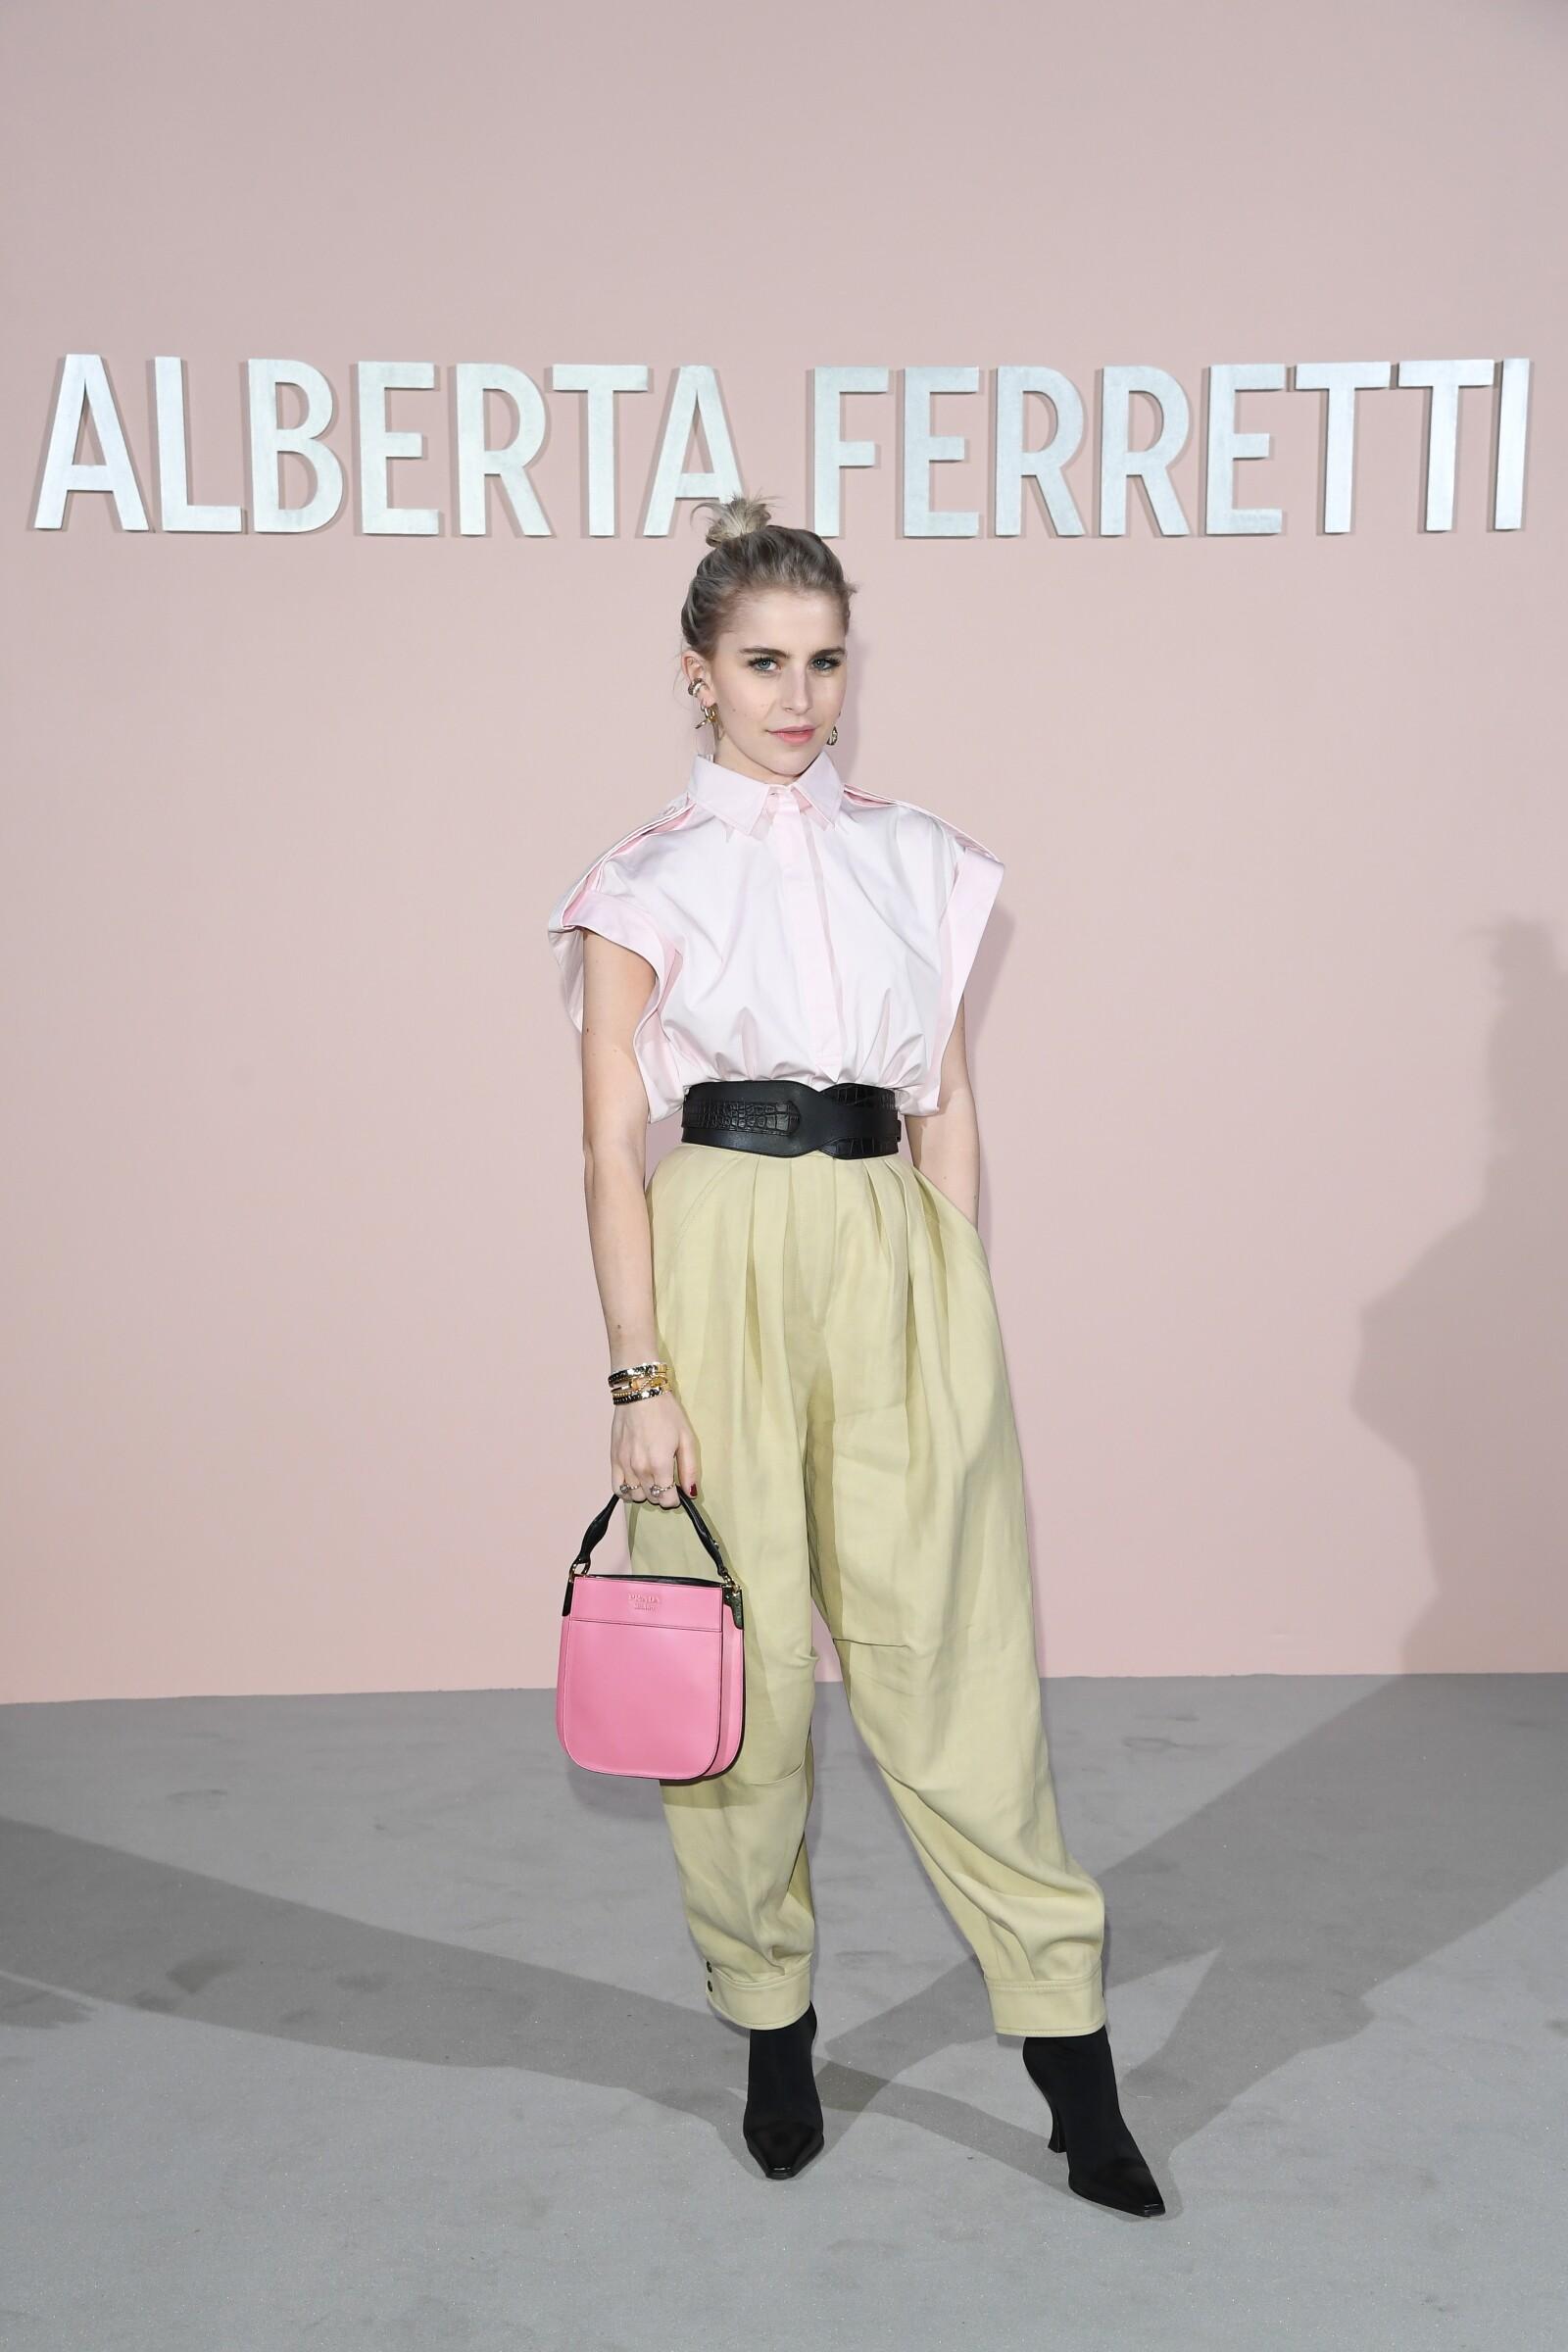 Caro Daur en Milan Fashion Week para el desfile de Alberta Ferretti jugando con un look en tonos pasteles